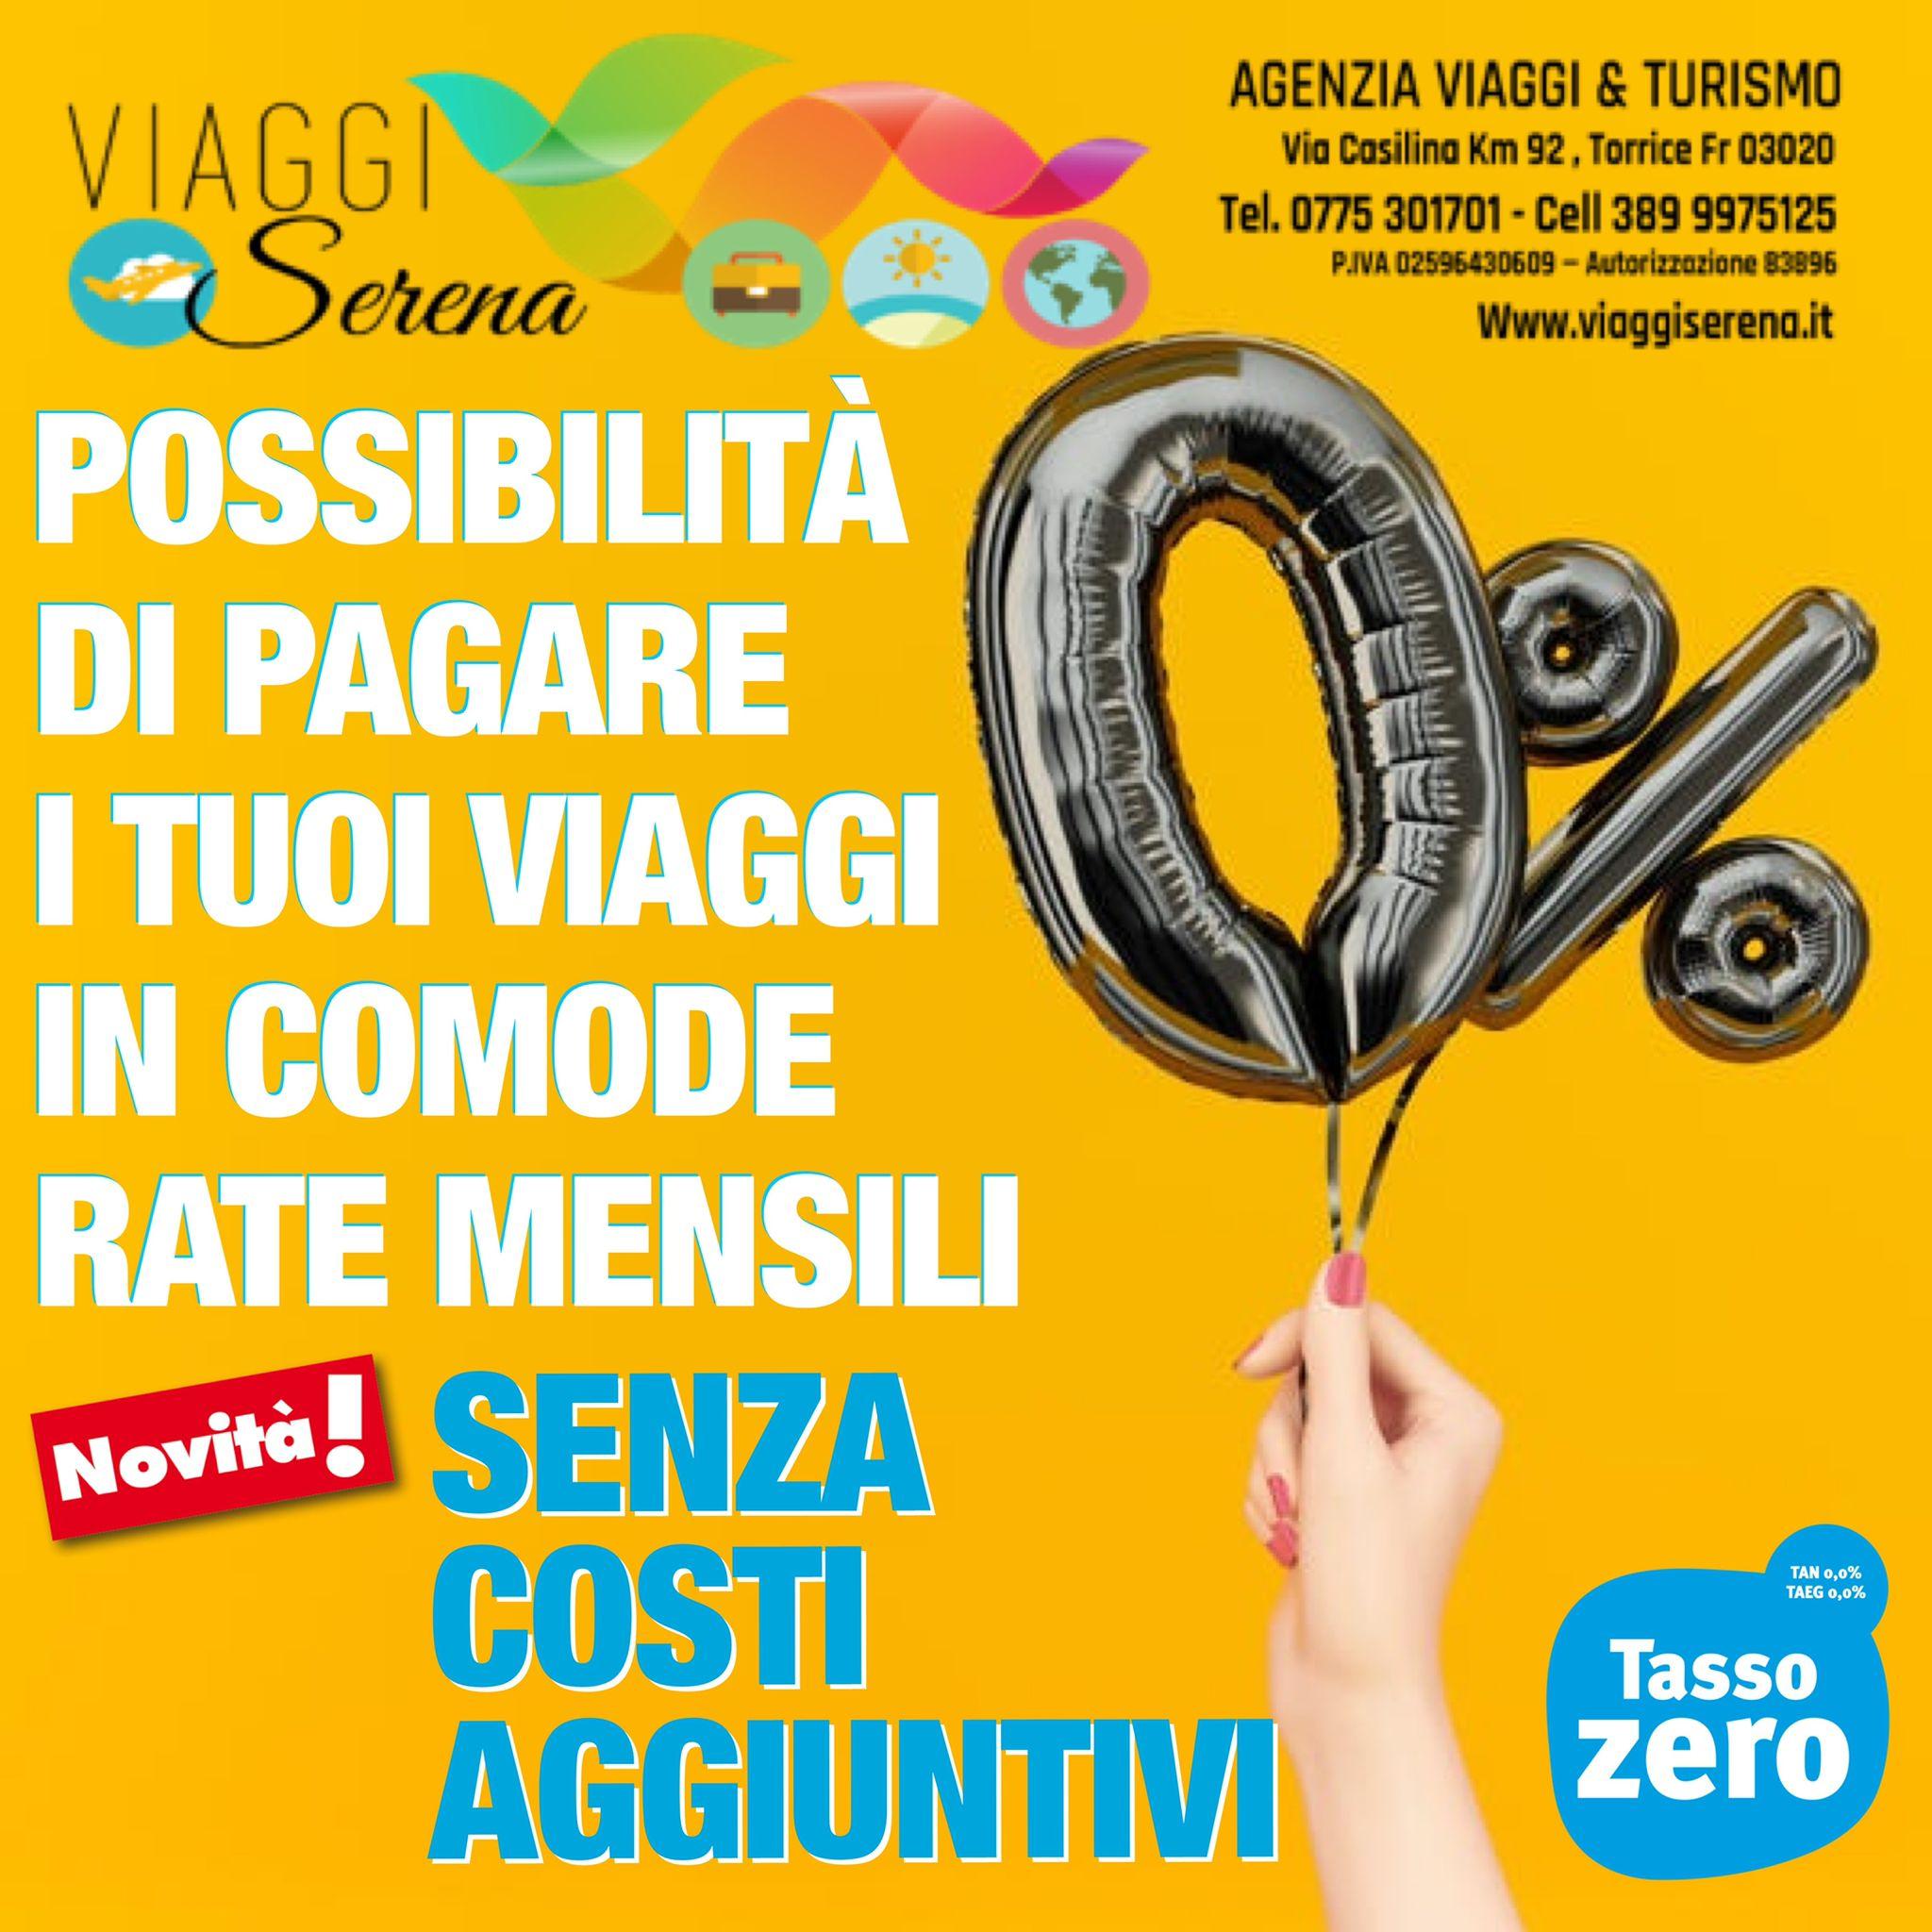 Novita' 2021: PAGA la tua vacanza a TASSO 0% con comode rate mensili!!!!